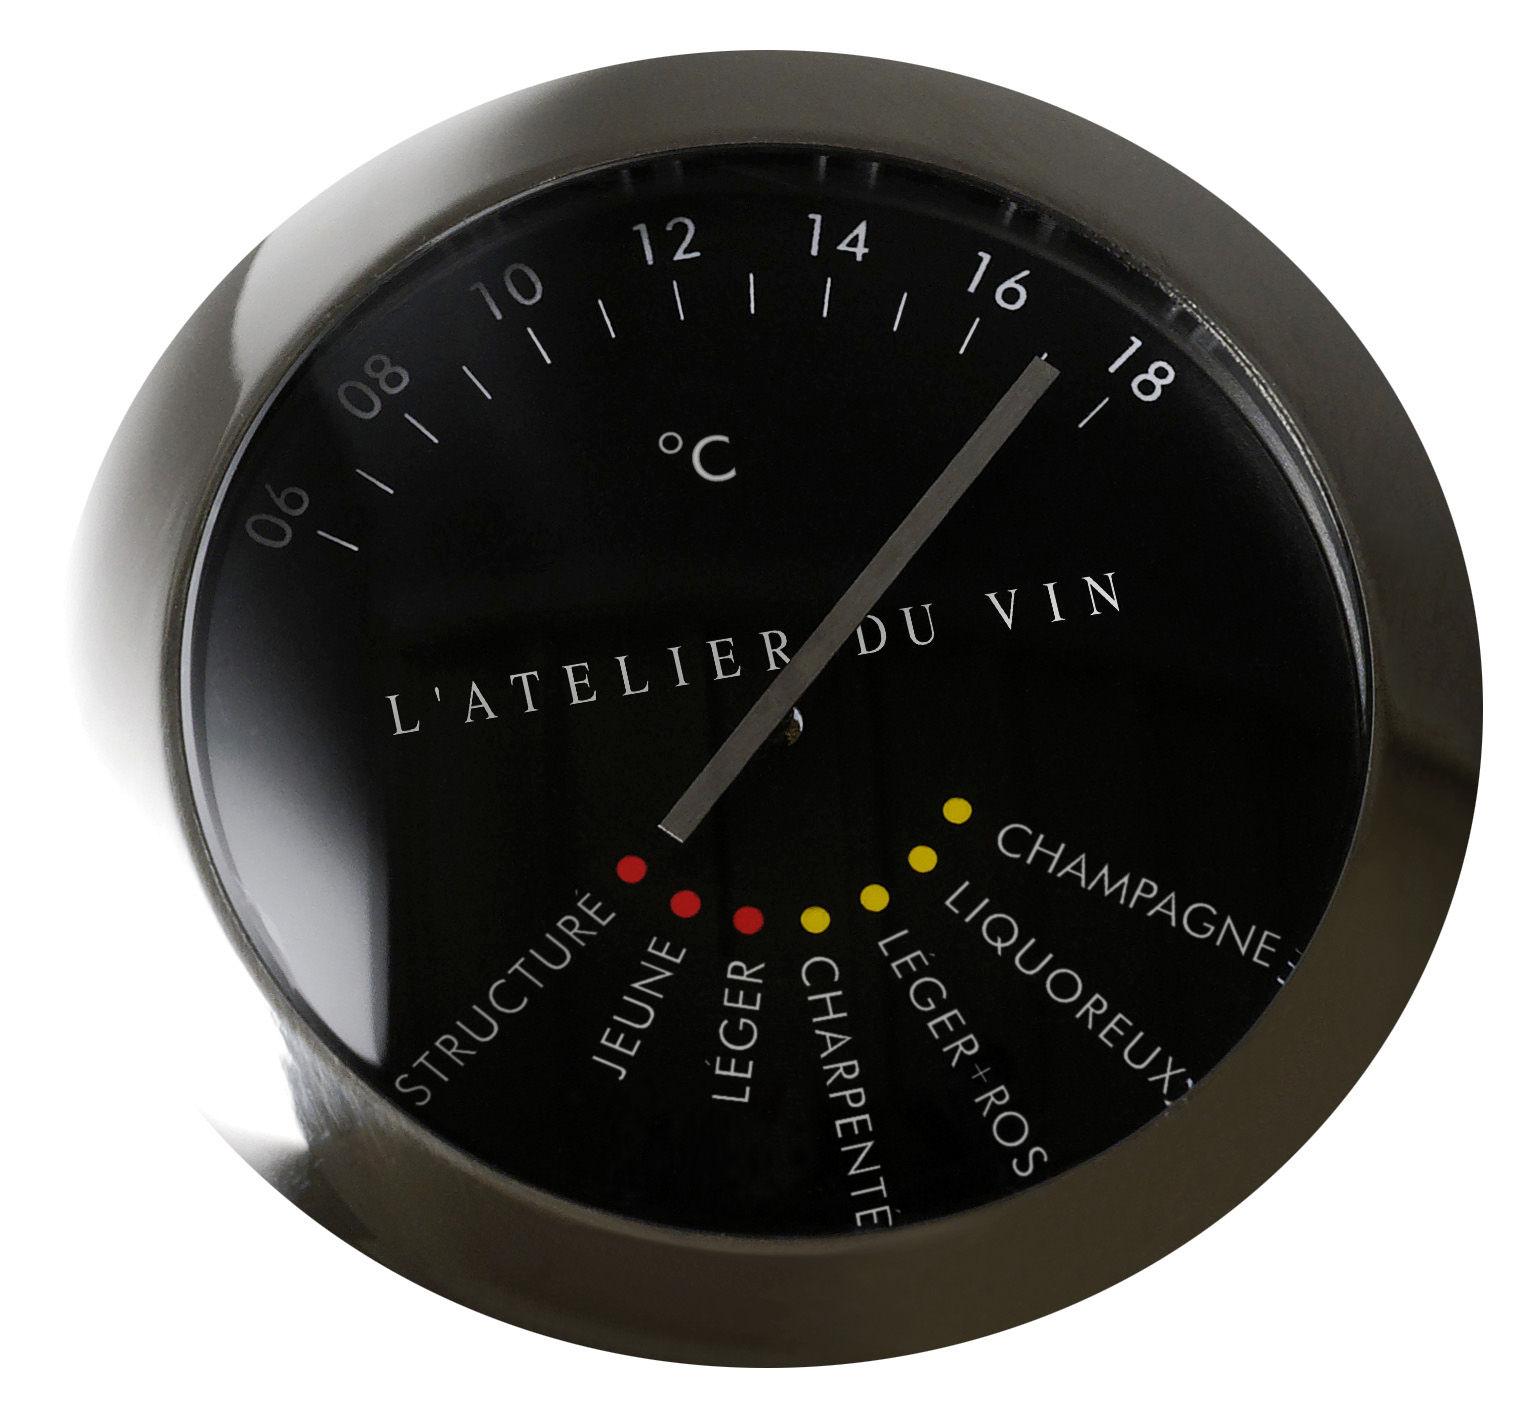 Tavola - Bar, Vino, Aperitivo - Termometro da vino di L'Atelier du Vin - Inox - Acciaio inossidabile